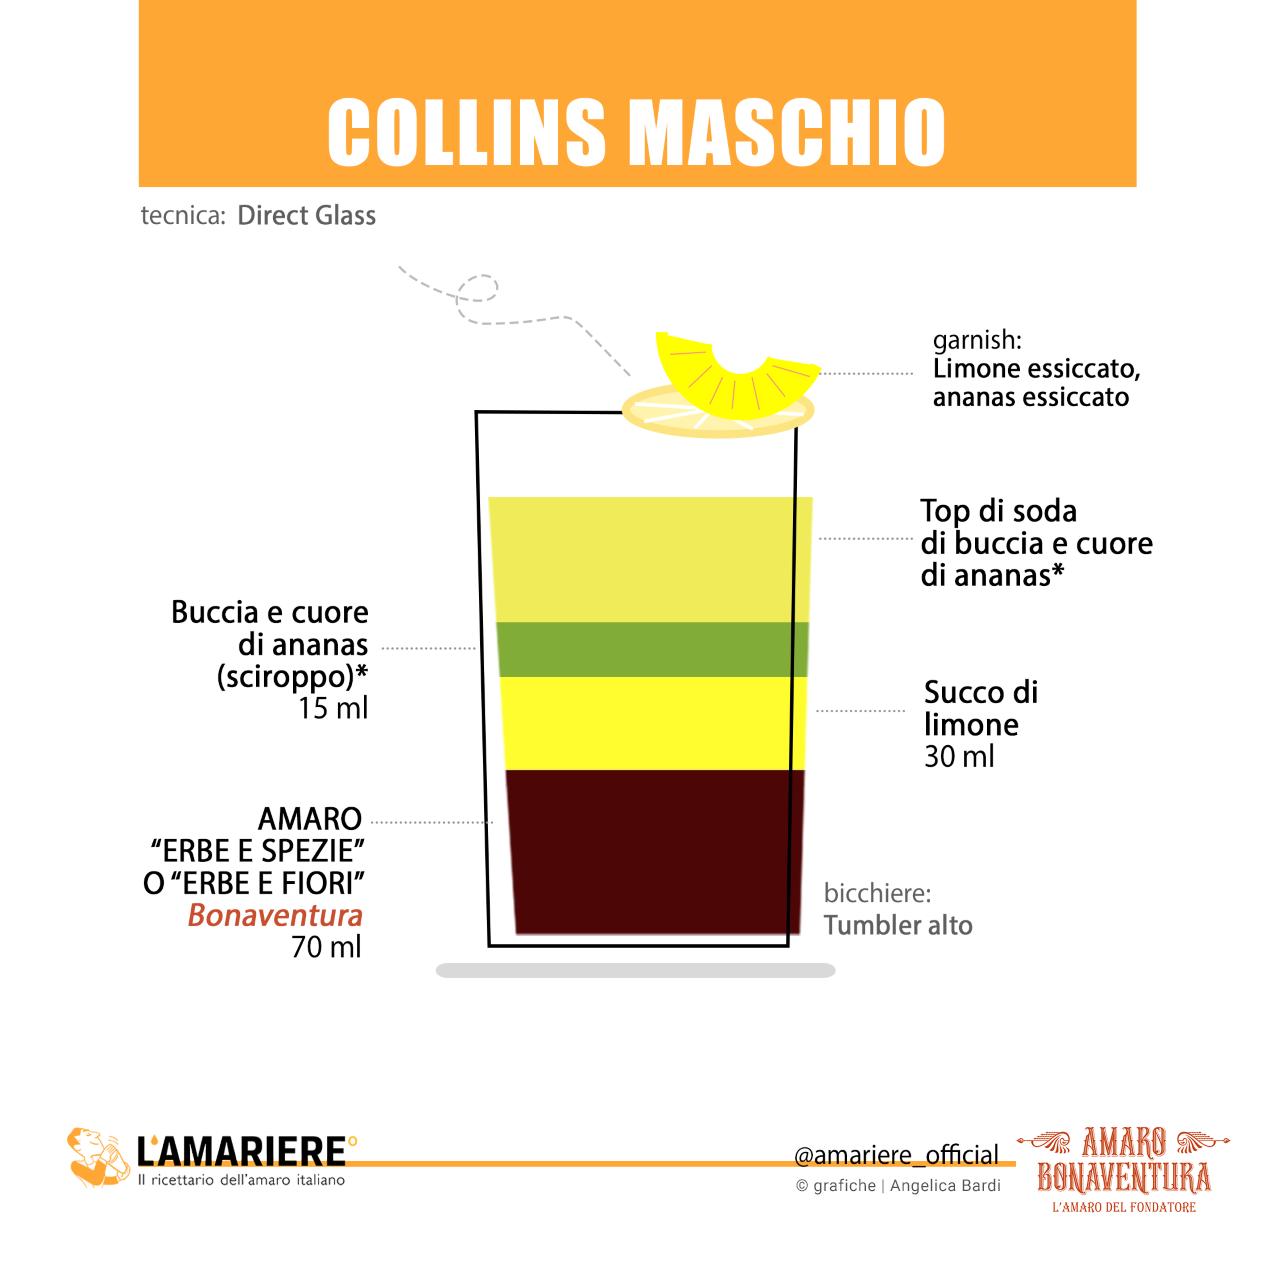 Collins Maschio